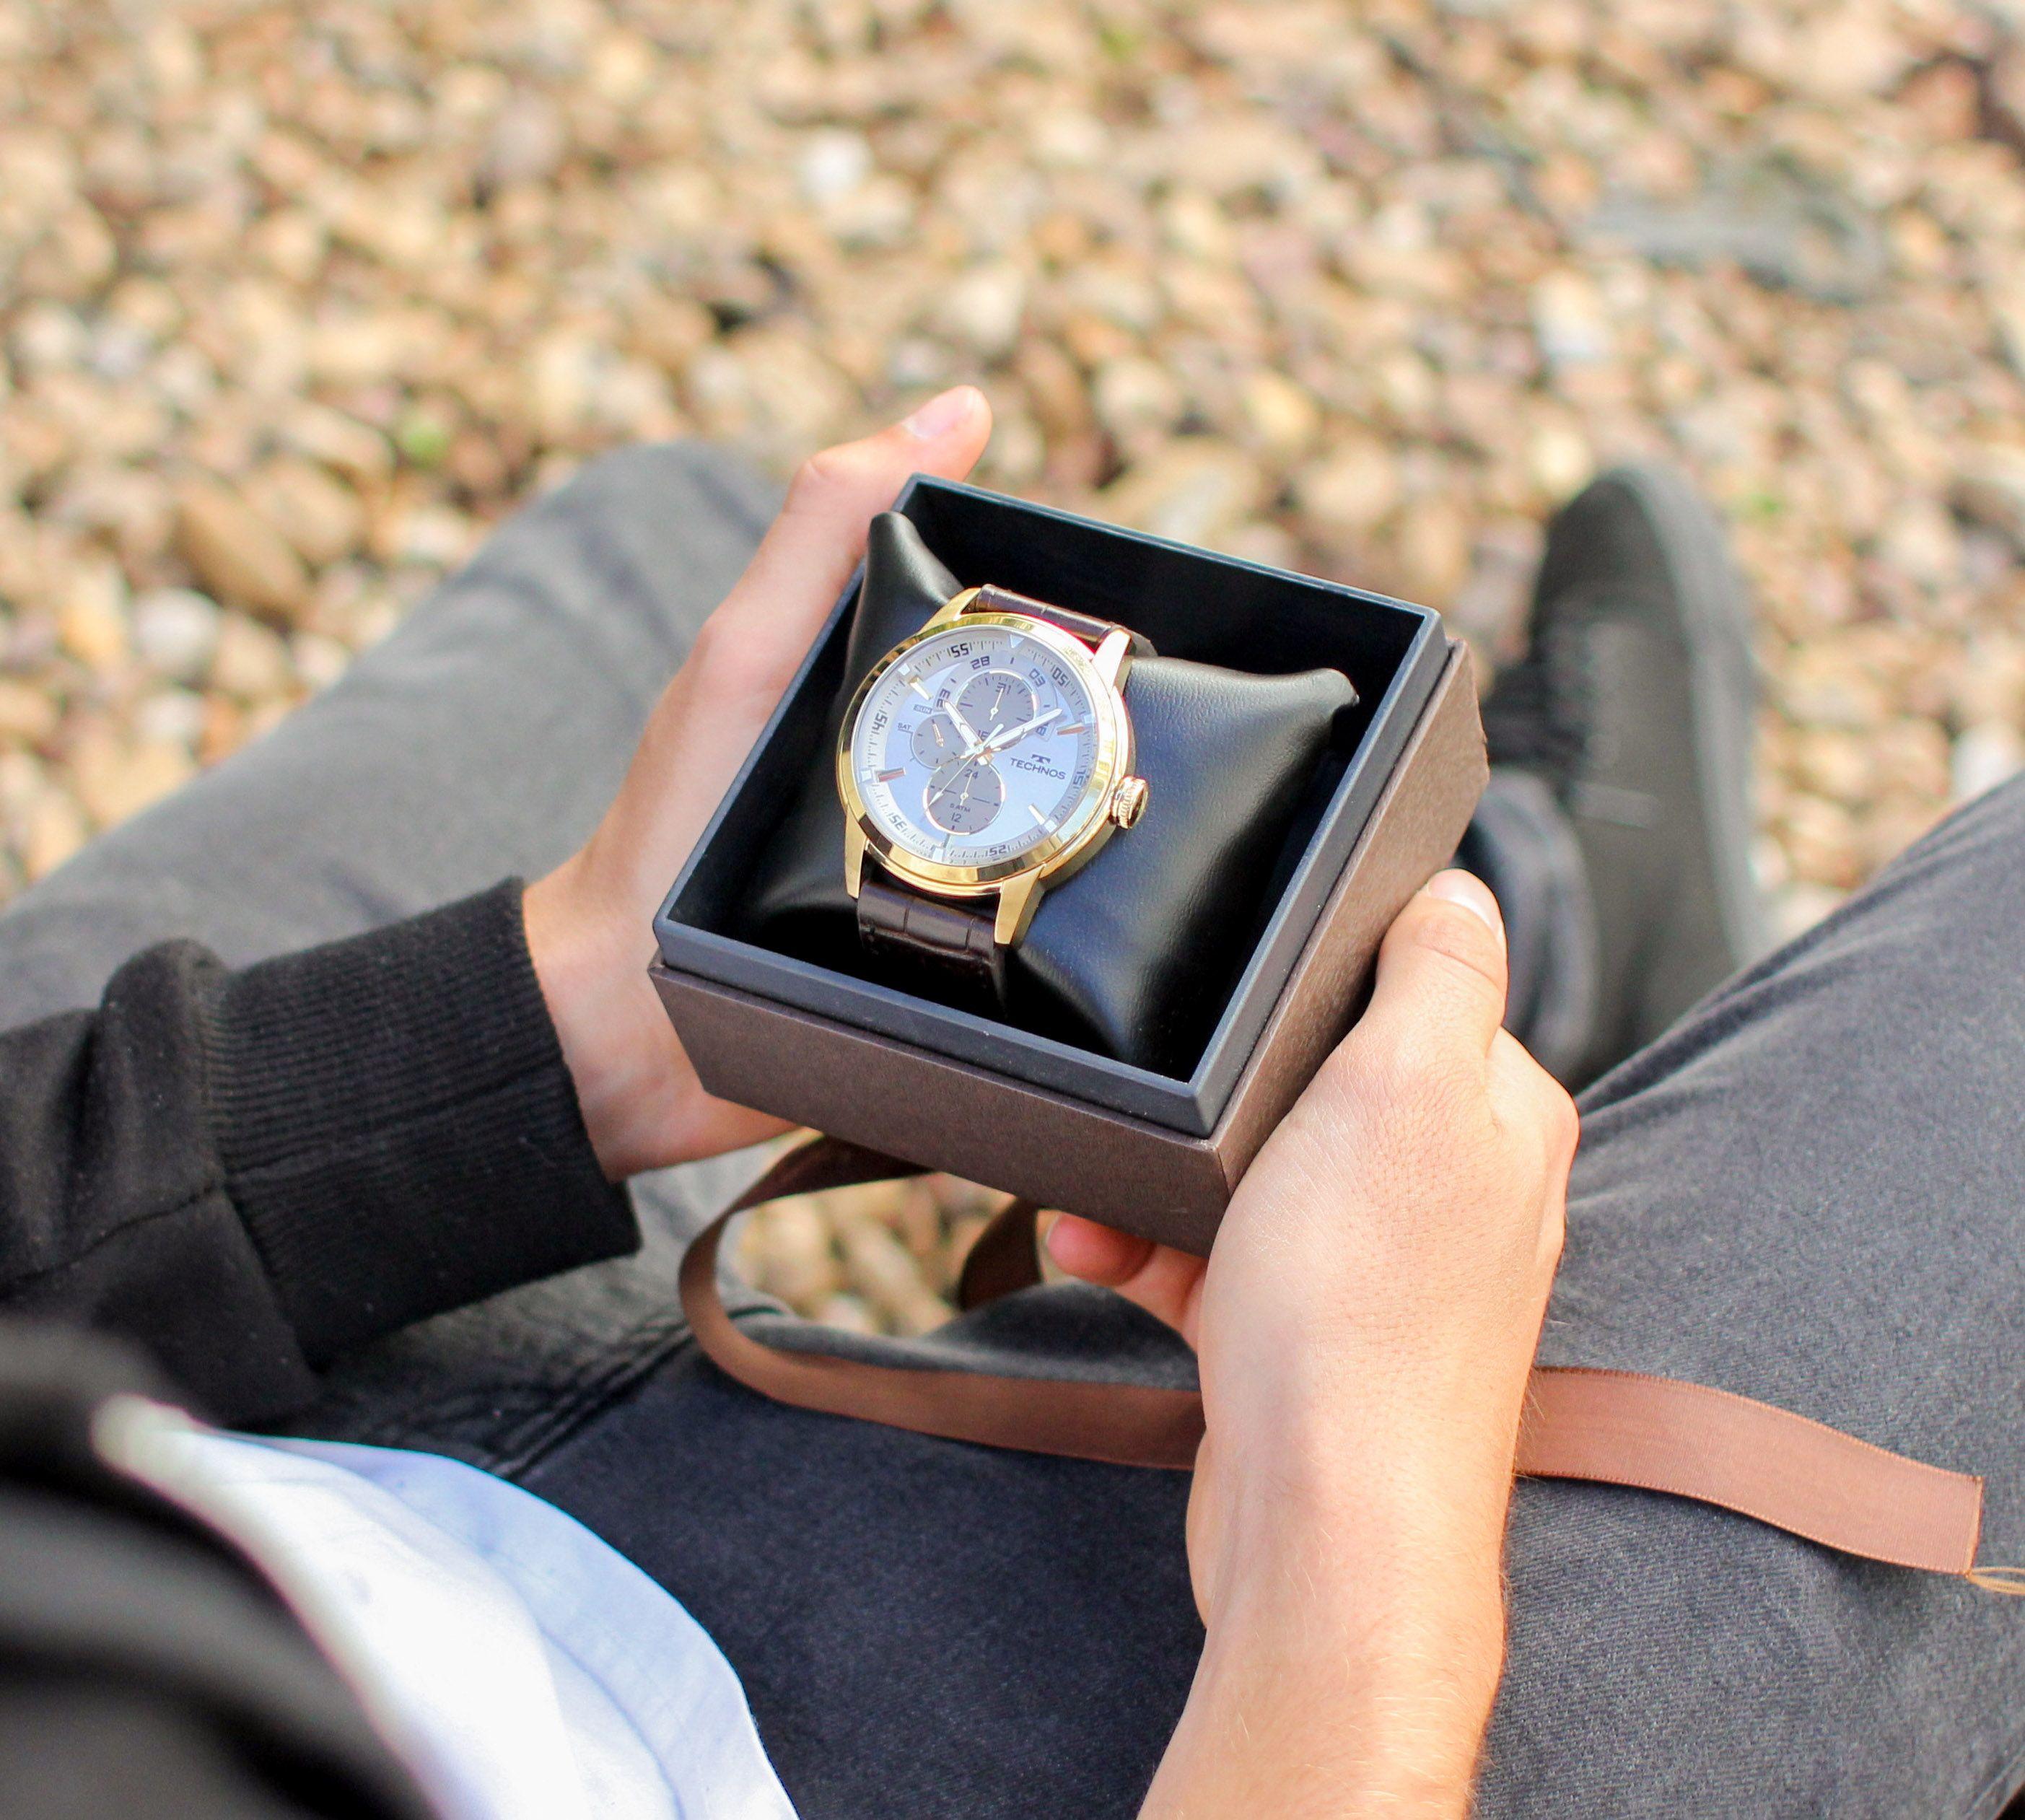 Relógio Technos com pulseira de couro  Safira  ÉPraVocê  SafiraOnline   Relógio  RelógioMasculino d10c2c57d5